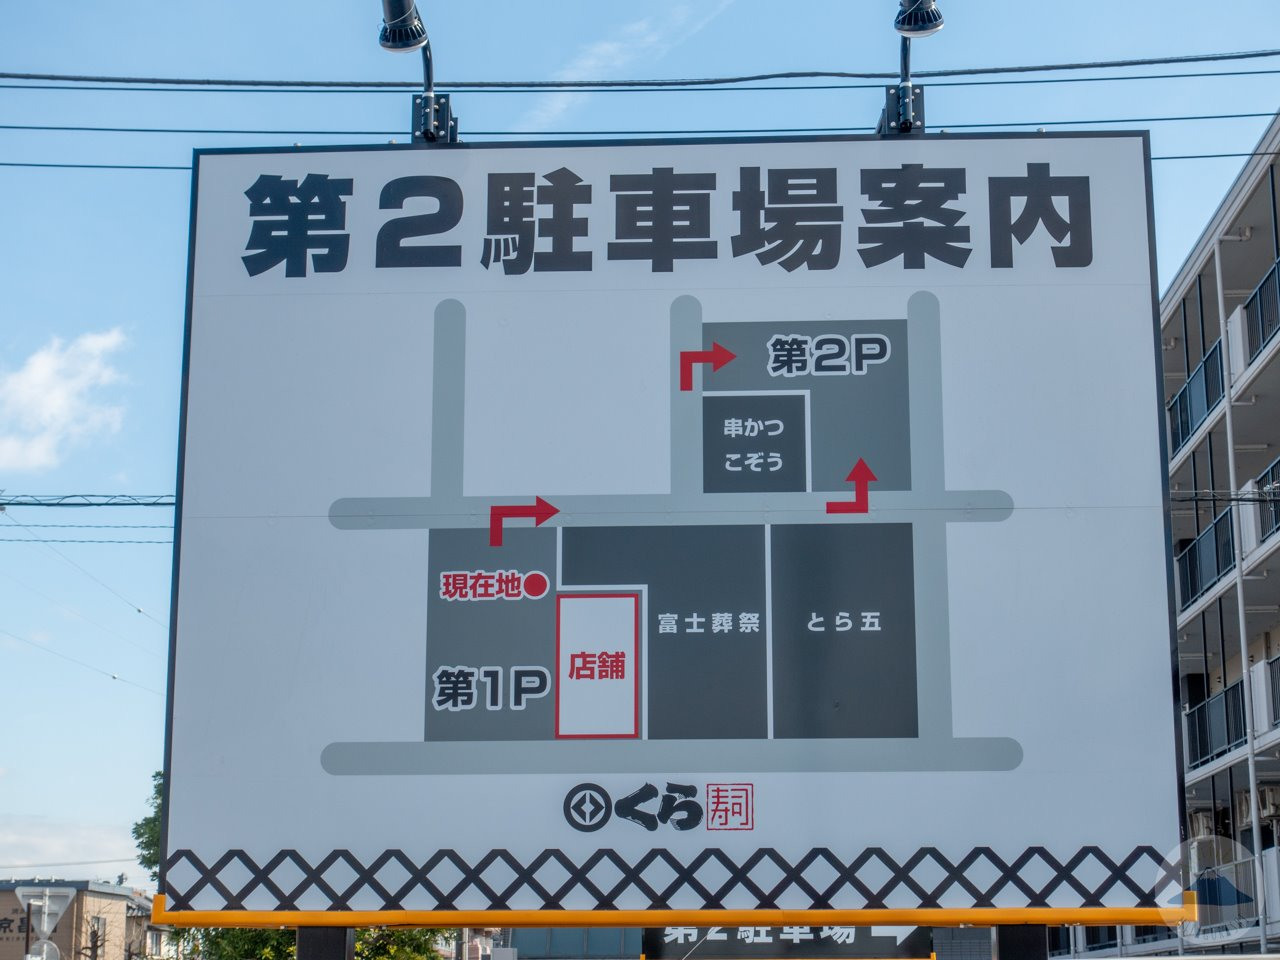 くら寿司富士店の駐車場案内